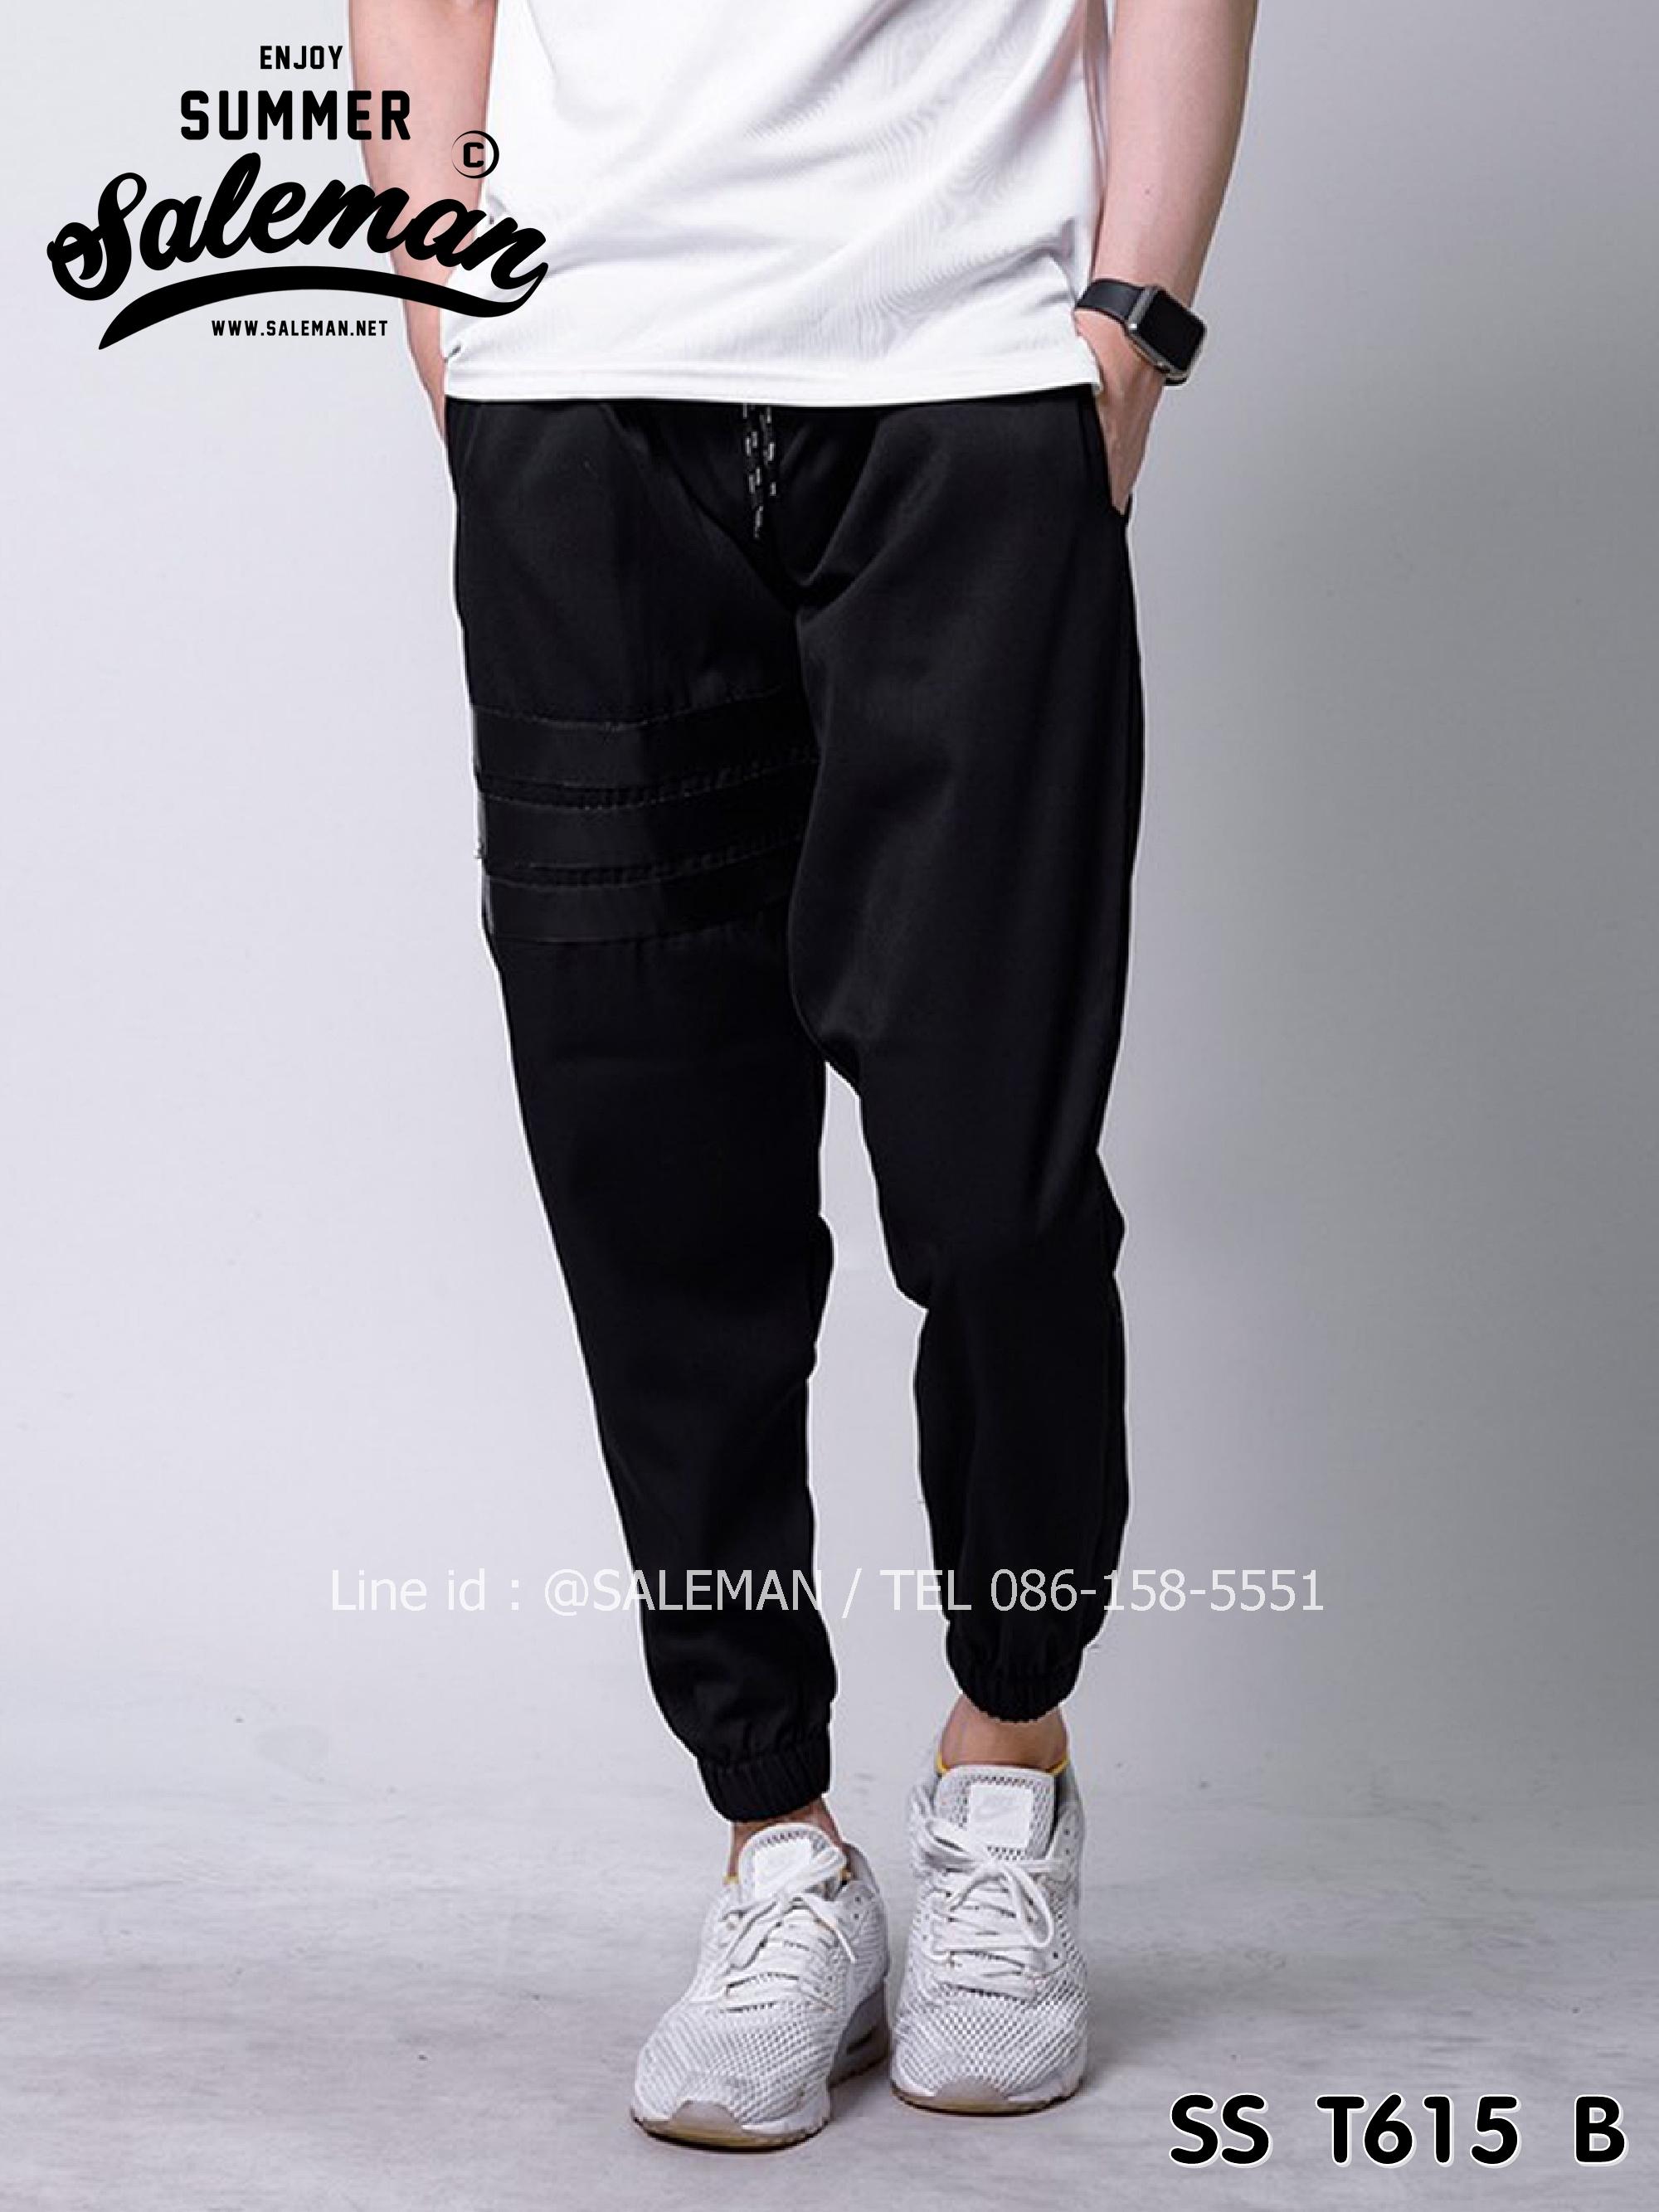 กางเกง JOGGER พรีเมี่ยม ผ้า COTTON รหัส SST 615 B สีดำ แถบดำเคปล่า